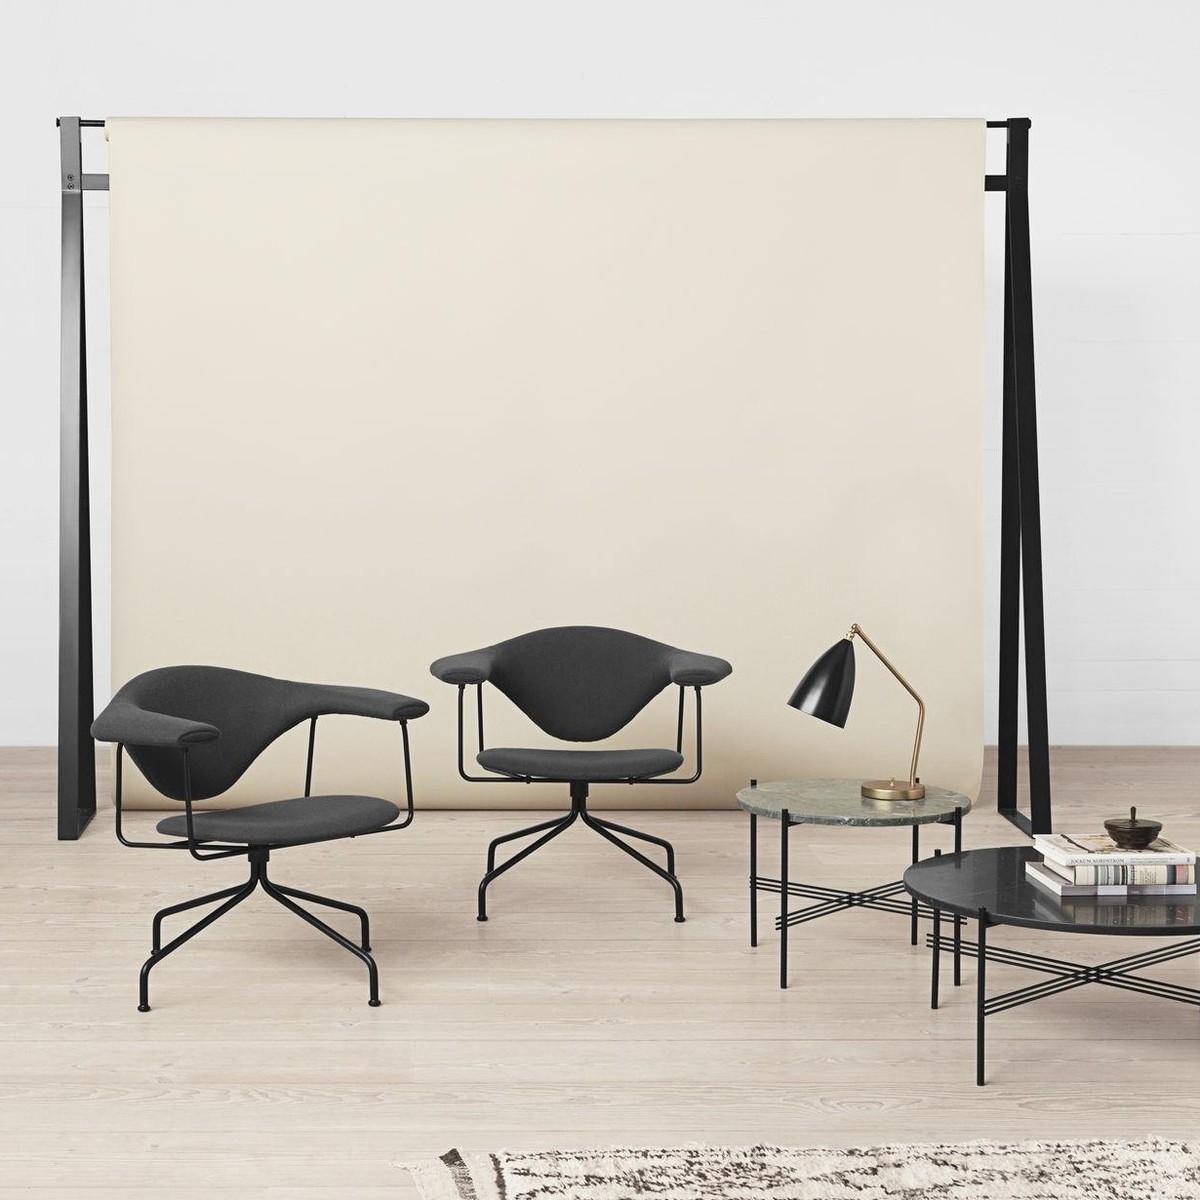 gr shoppa tischleuchte gubi. Black Bedroom Furniture Sets. Home Design Ideas